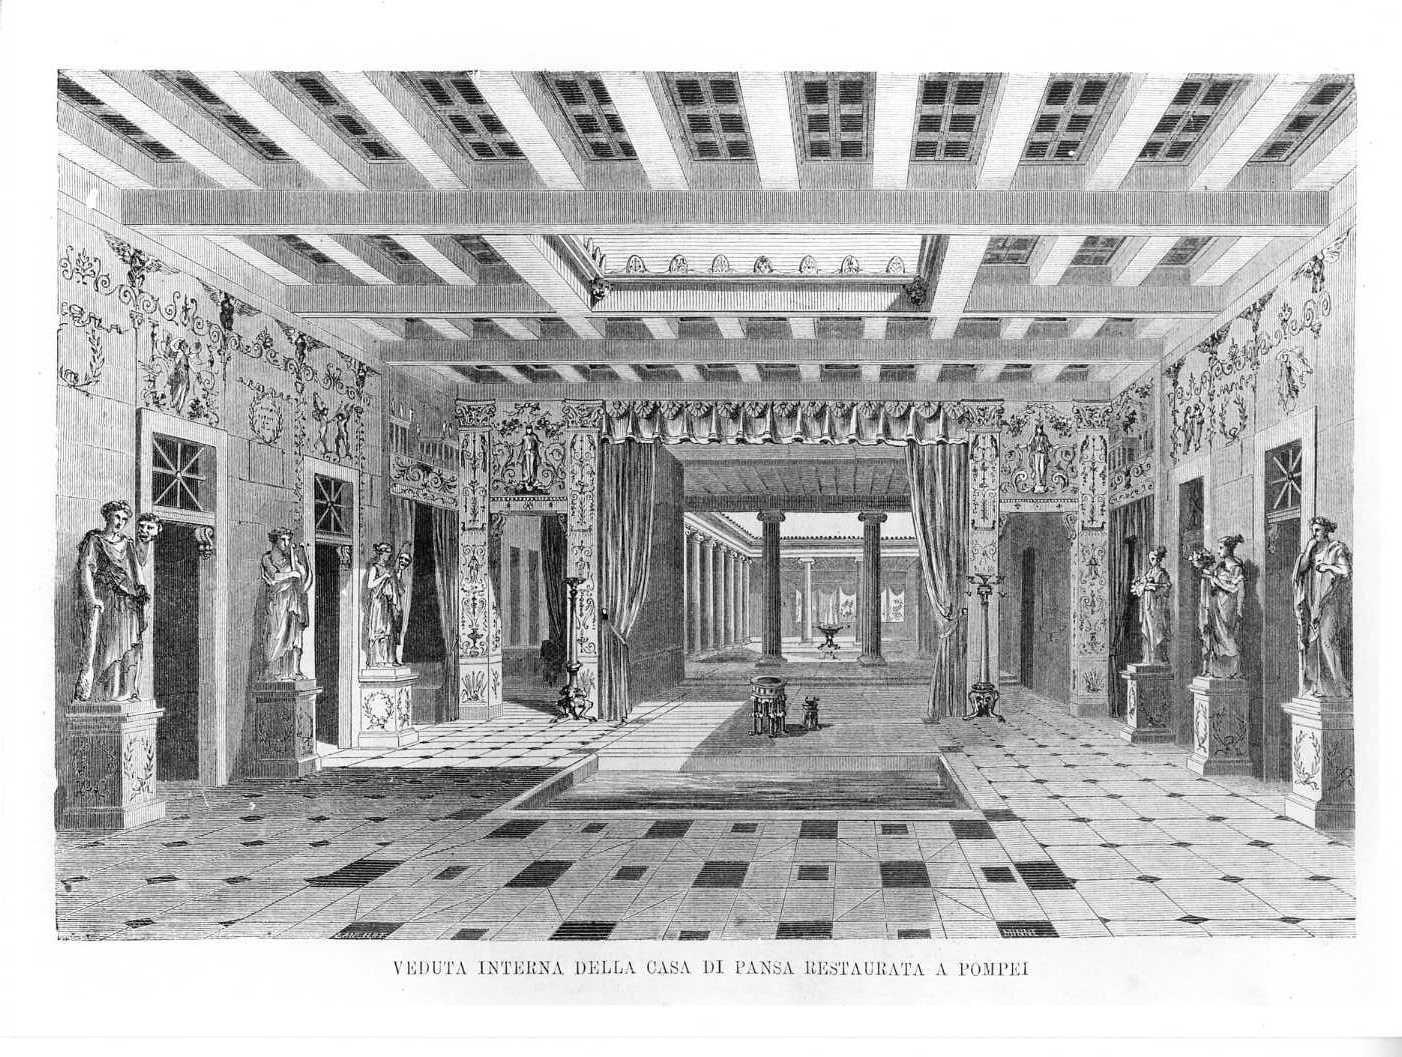 Veduta interna della casa di Pansa restaurata a Pompei, veduta di un palazzo (stampa) di Lancilat (attribuito), Minne (attribuito) (sec. XIX)